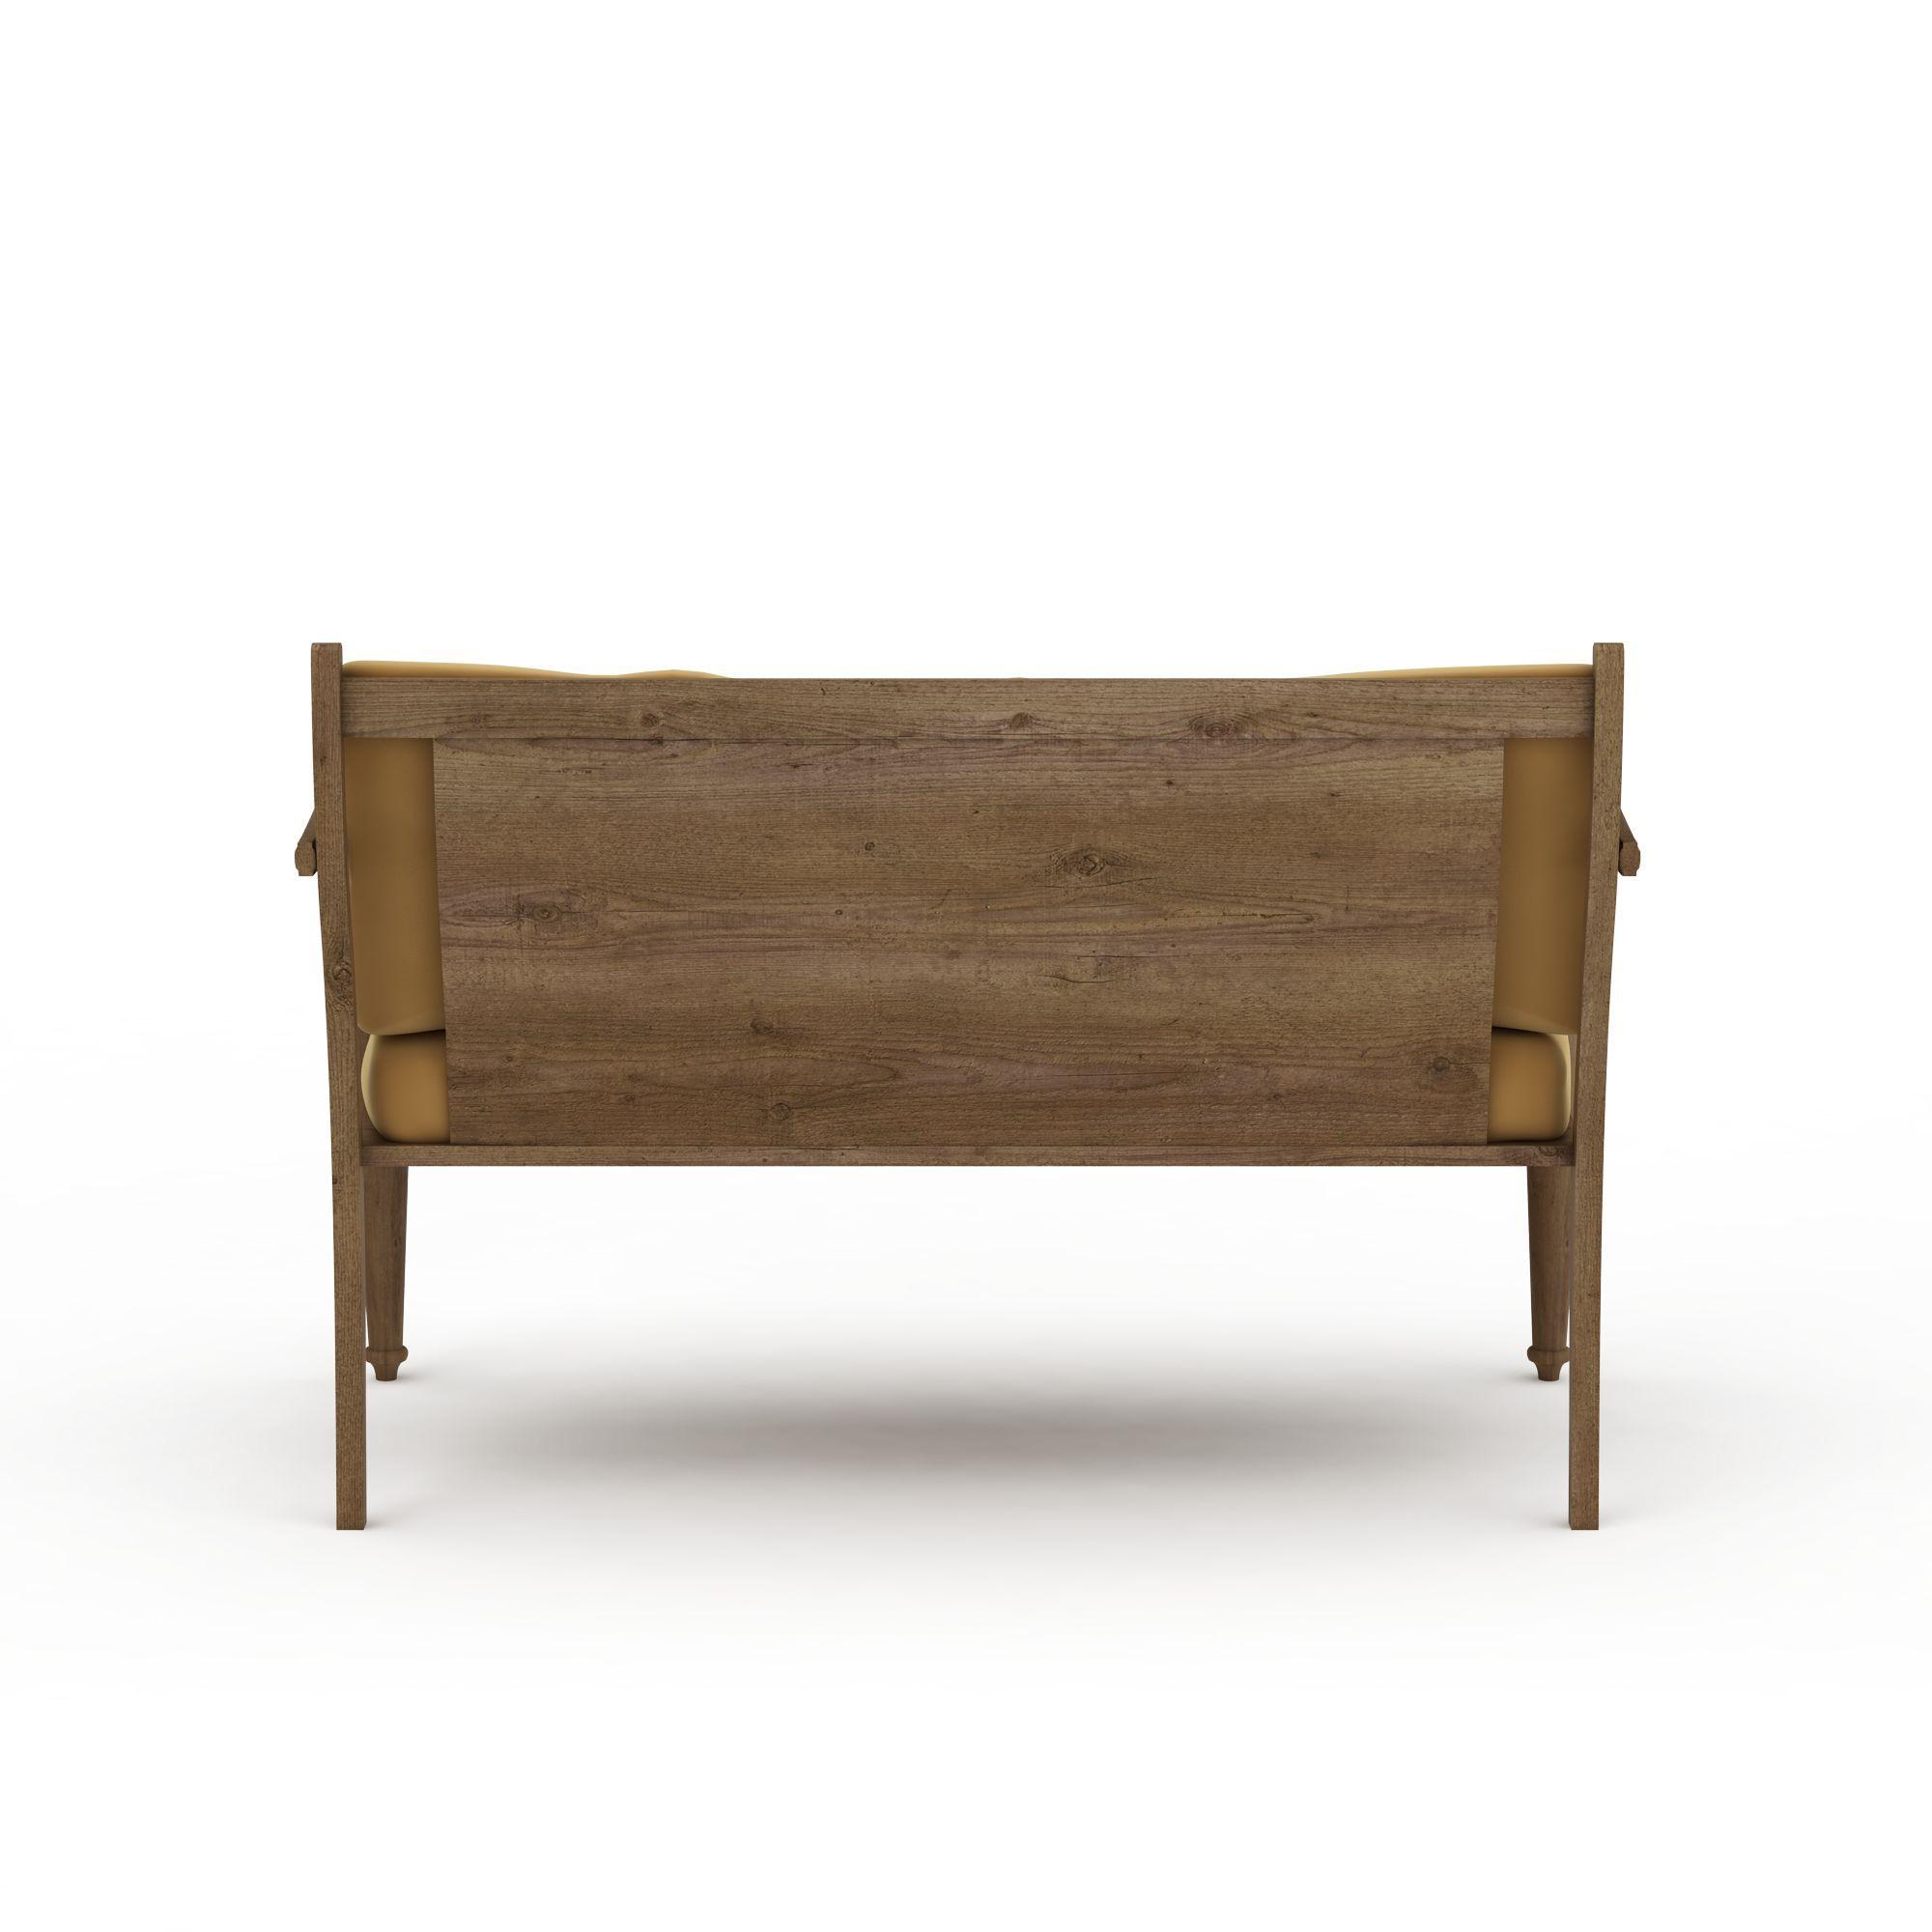 中式原木椅子高清图下载